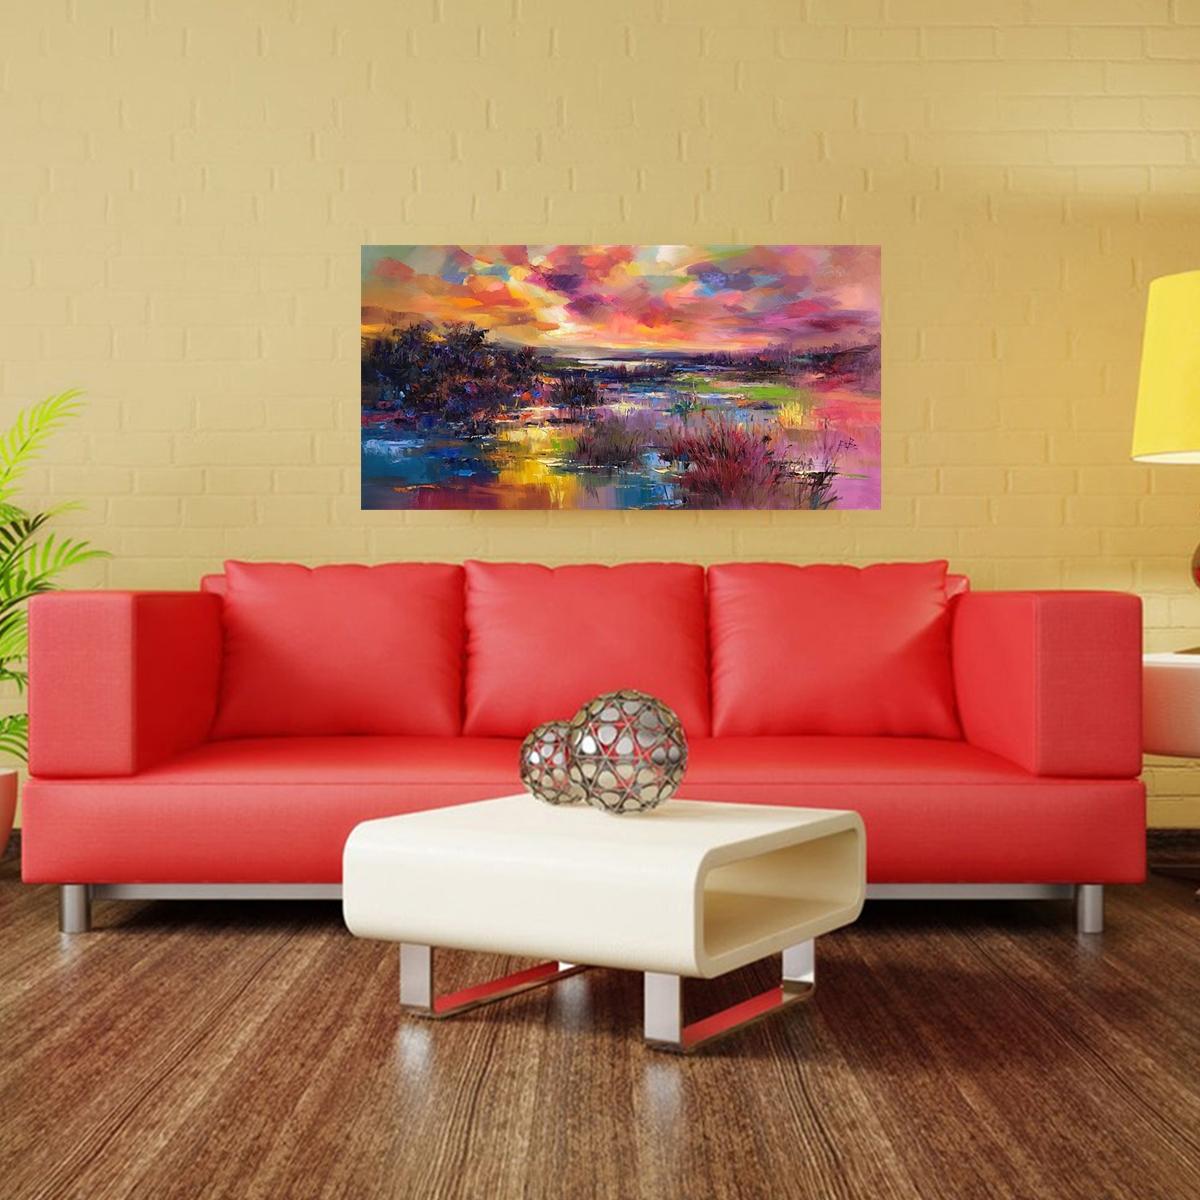 Leinwandbild Moderne Abstrakt See Landschaft Wohnzimmer